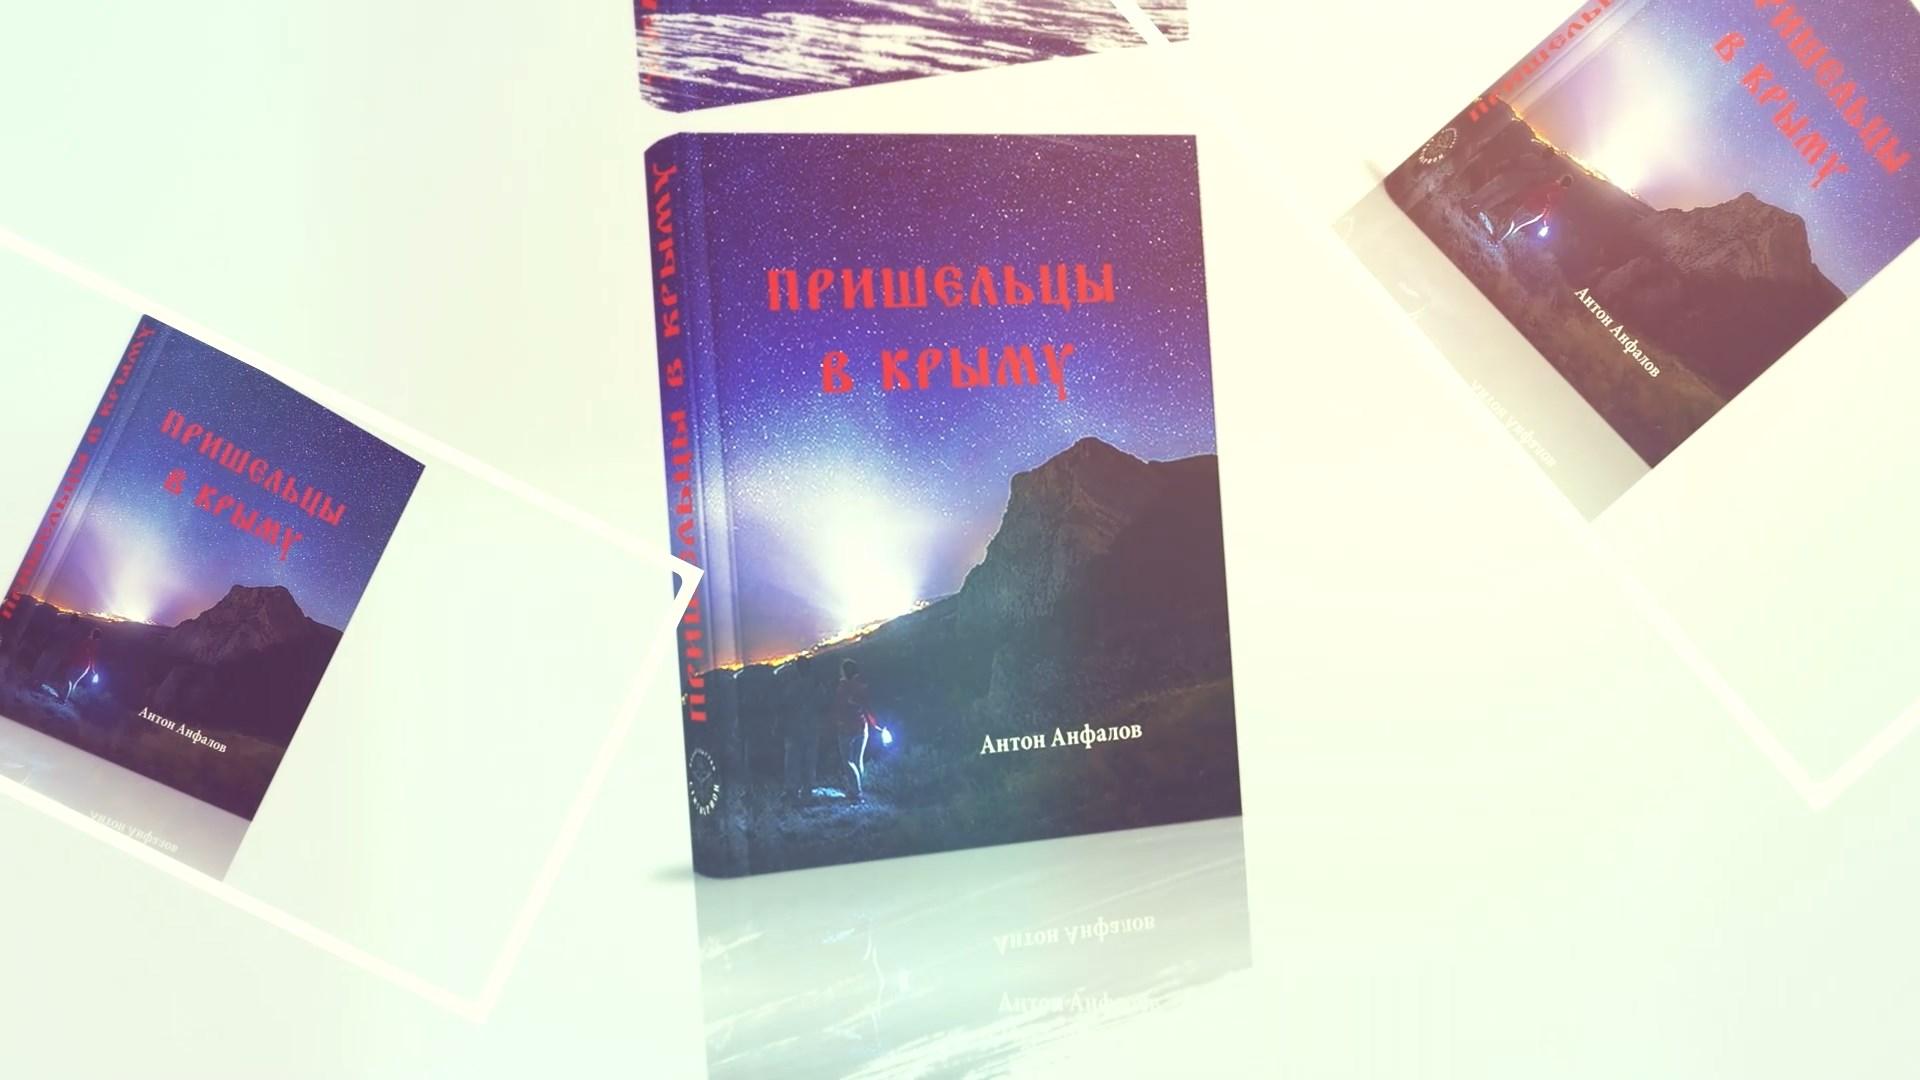 ОТКРЫВАЯ КНИГУ: НЛО в Крыму